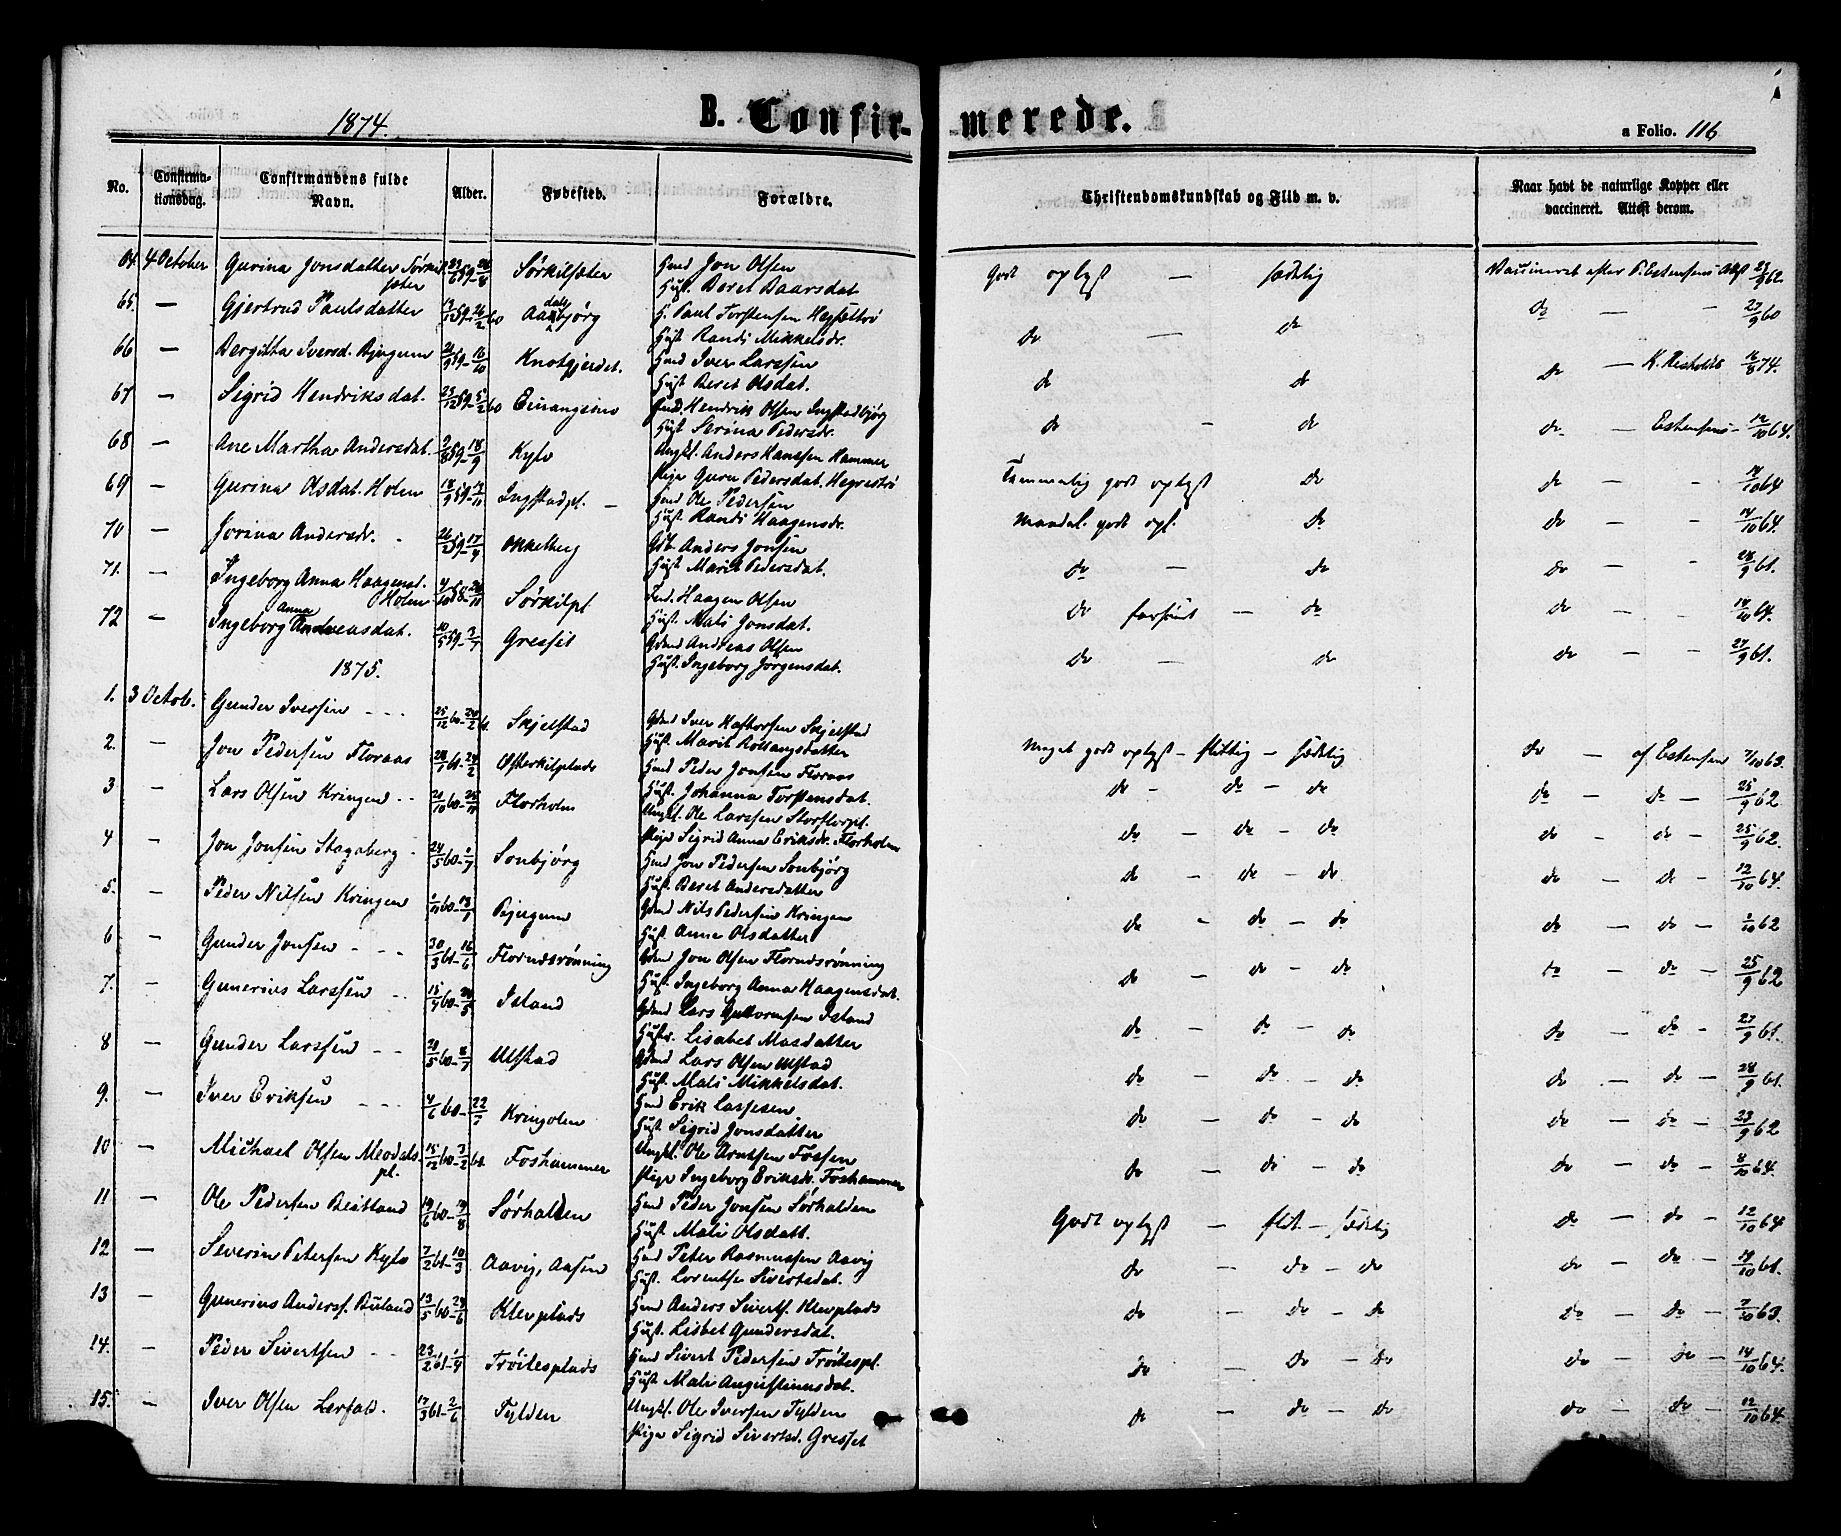 SAT, Ministerialprotokoller, klokkerbøker og fødselsregistre - Nord-Trøndelag, 703/L0029: Ministerialbok nr. 703A02, 1863-1879, s. 116